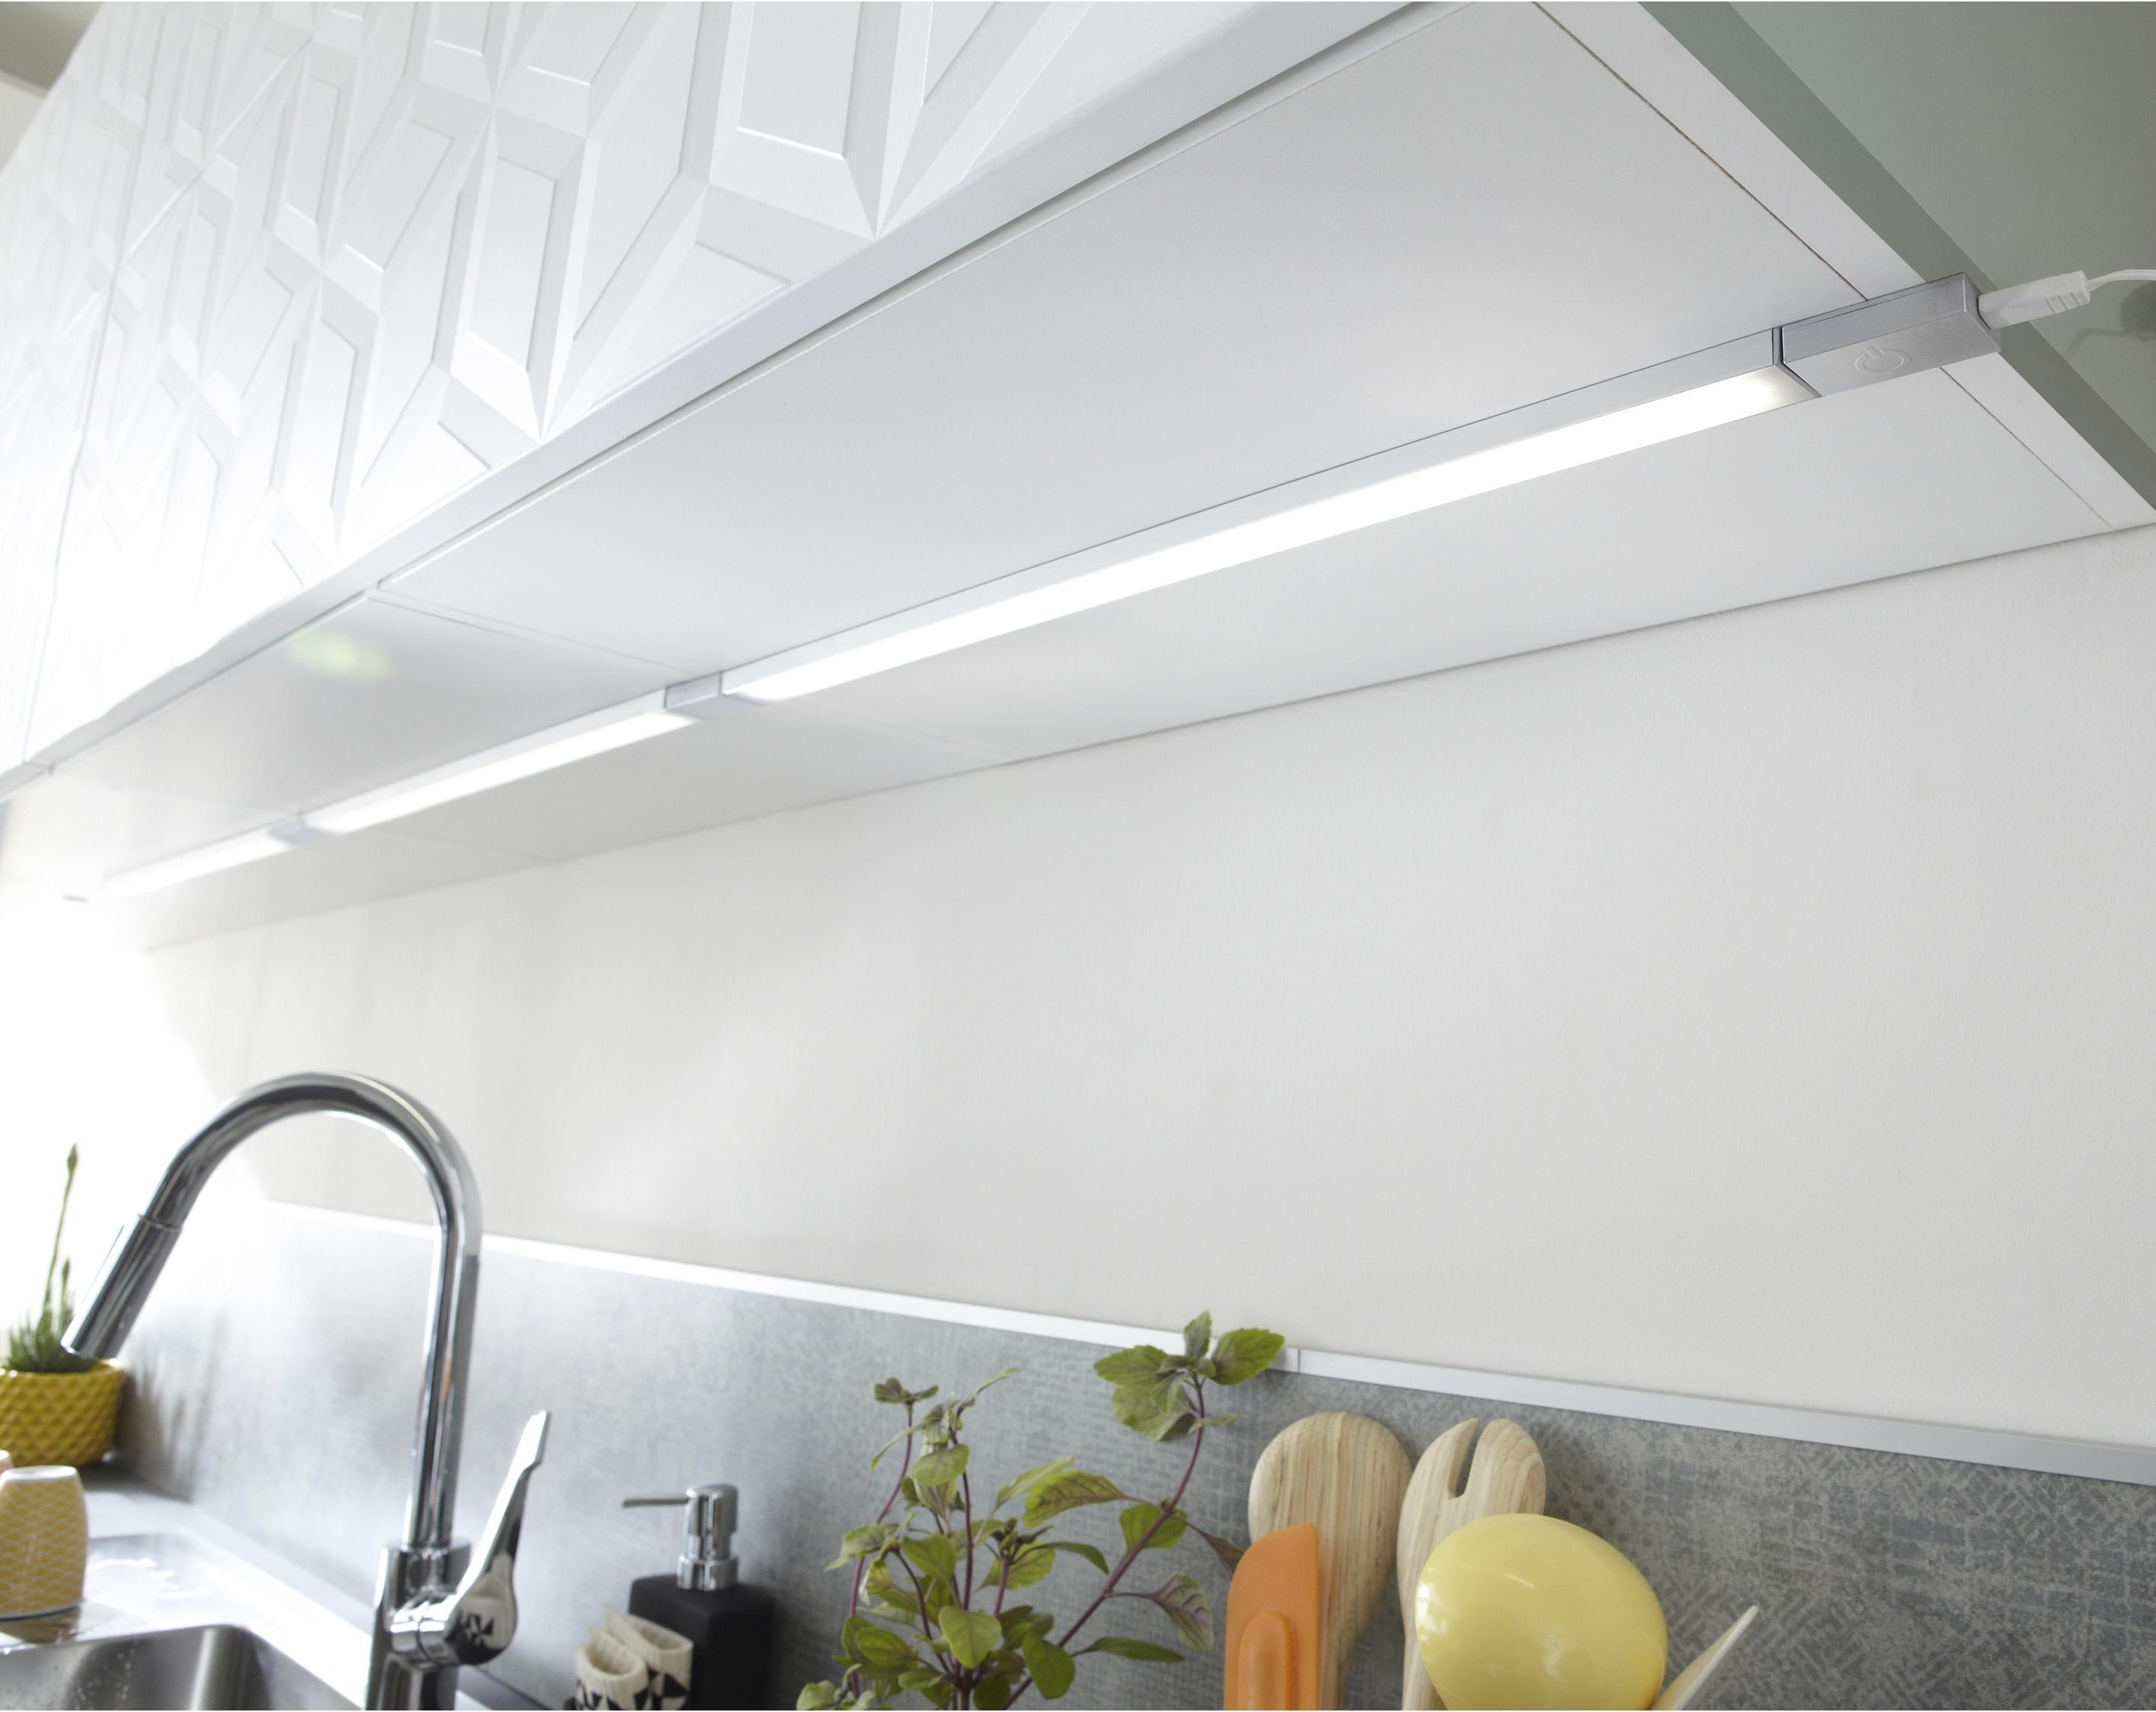 Extension réglette à fixer plate led intégrée 35 cm Rio INSPIRE 3,5 W gris